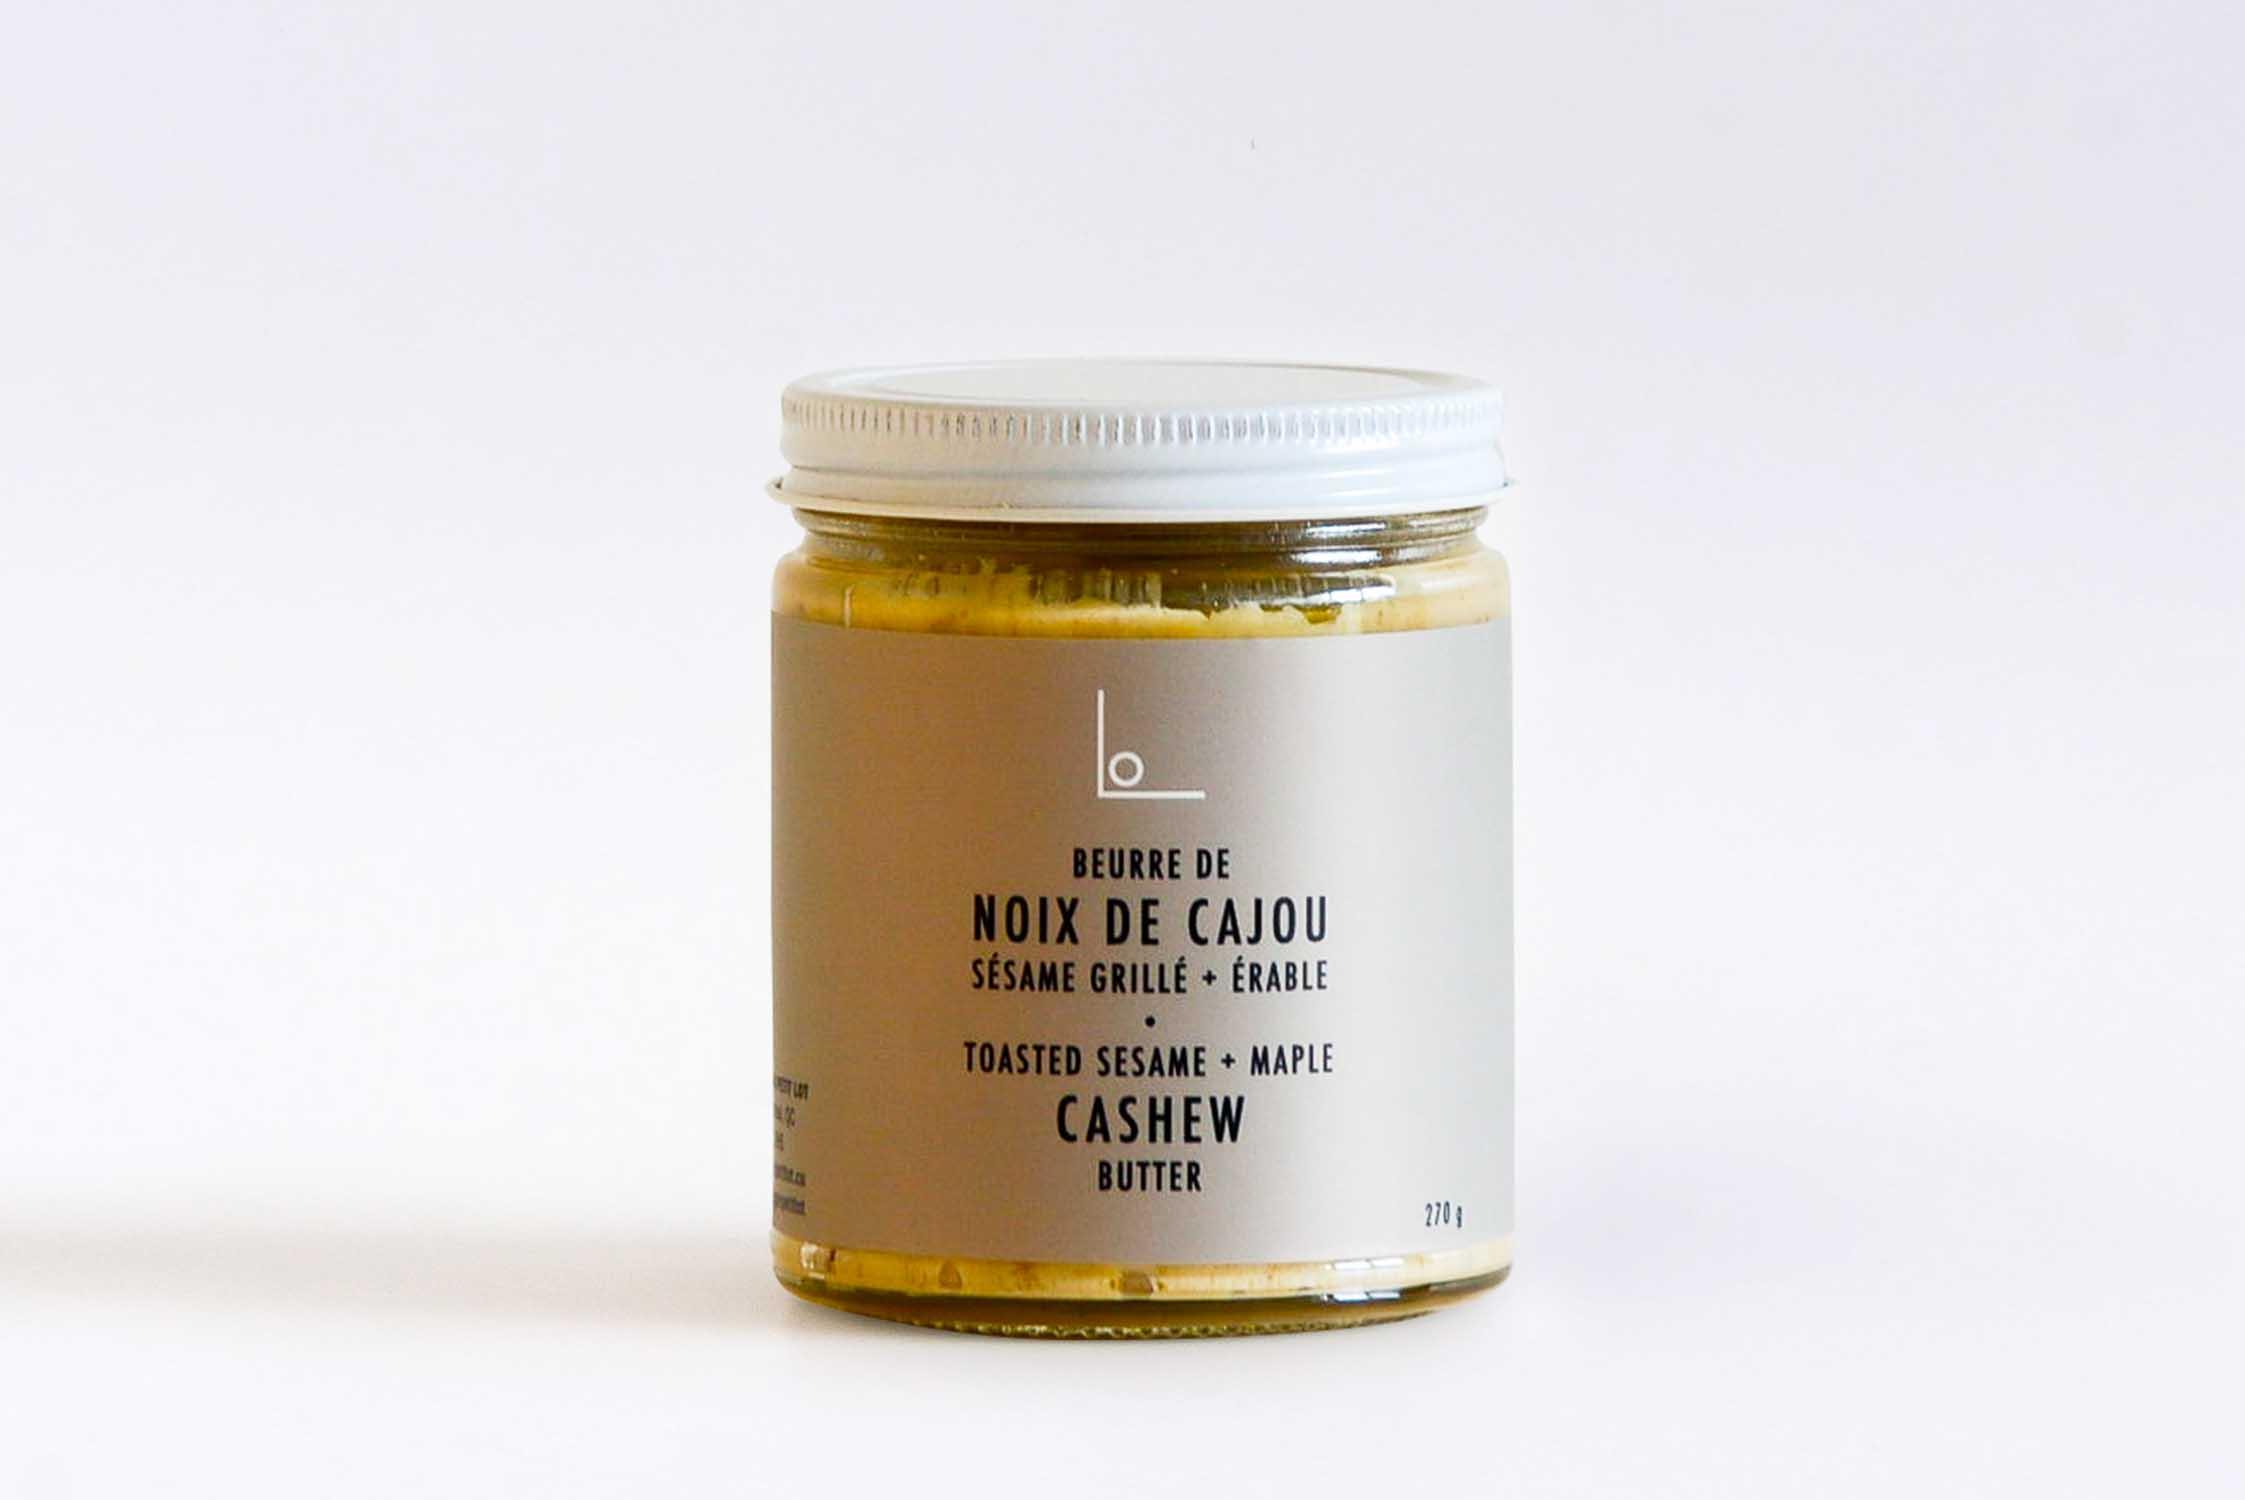 Beurre de noix de cajou sésame grillé et érable